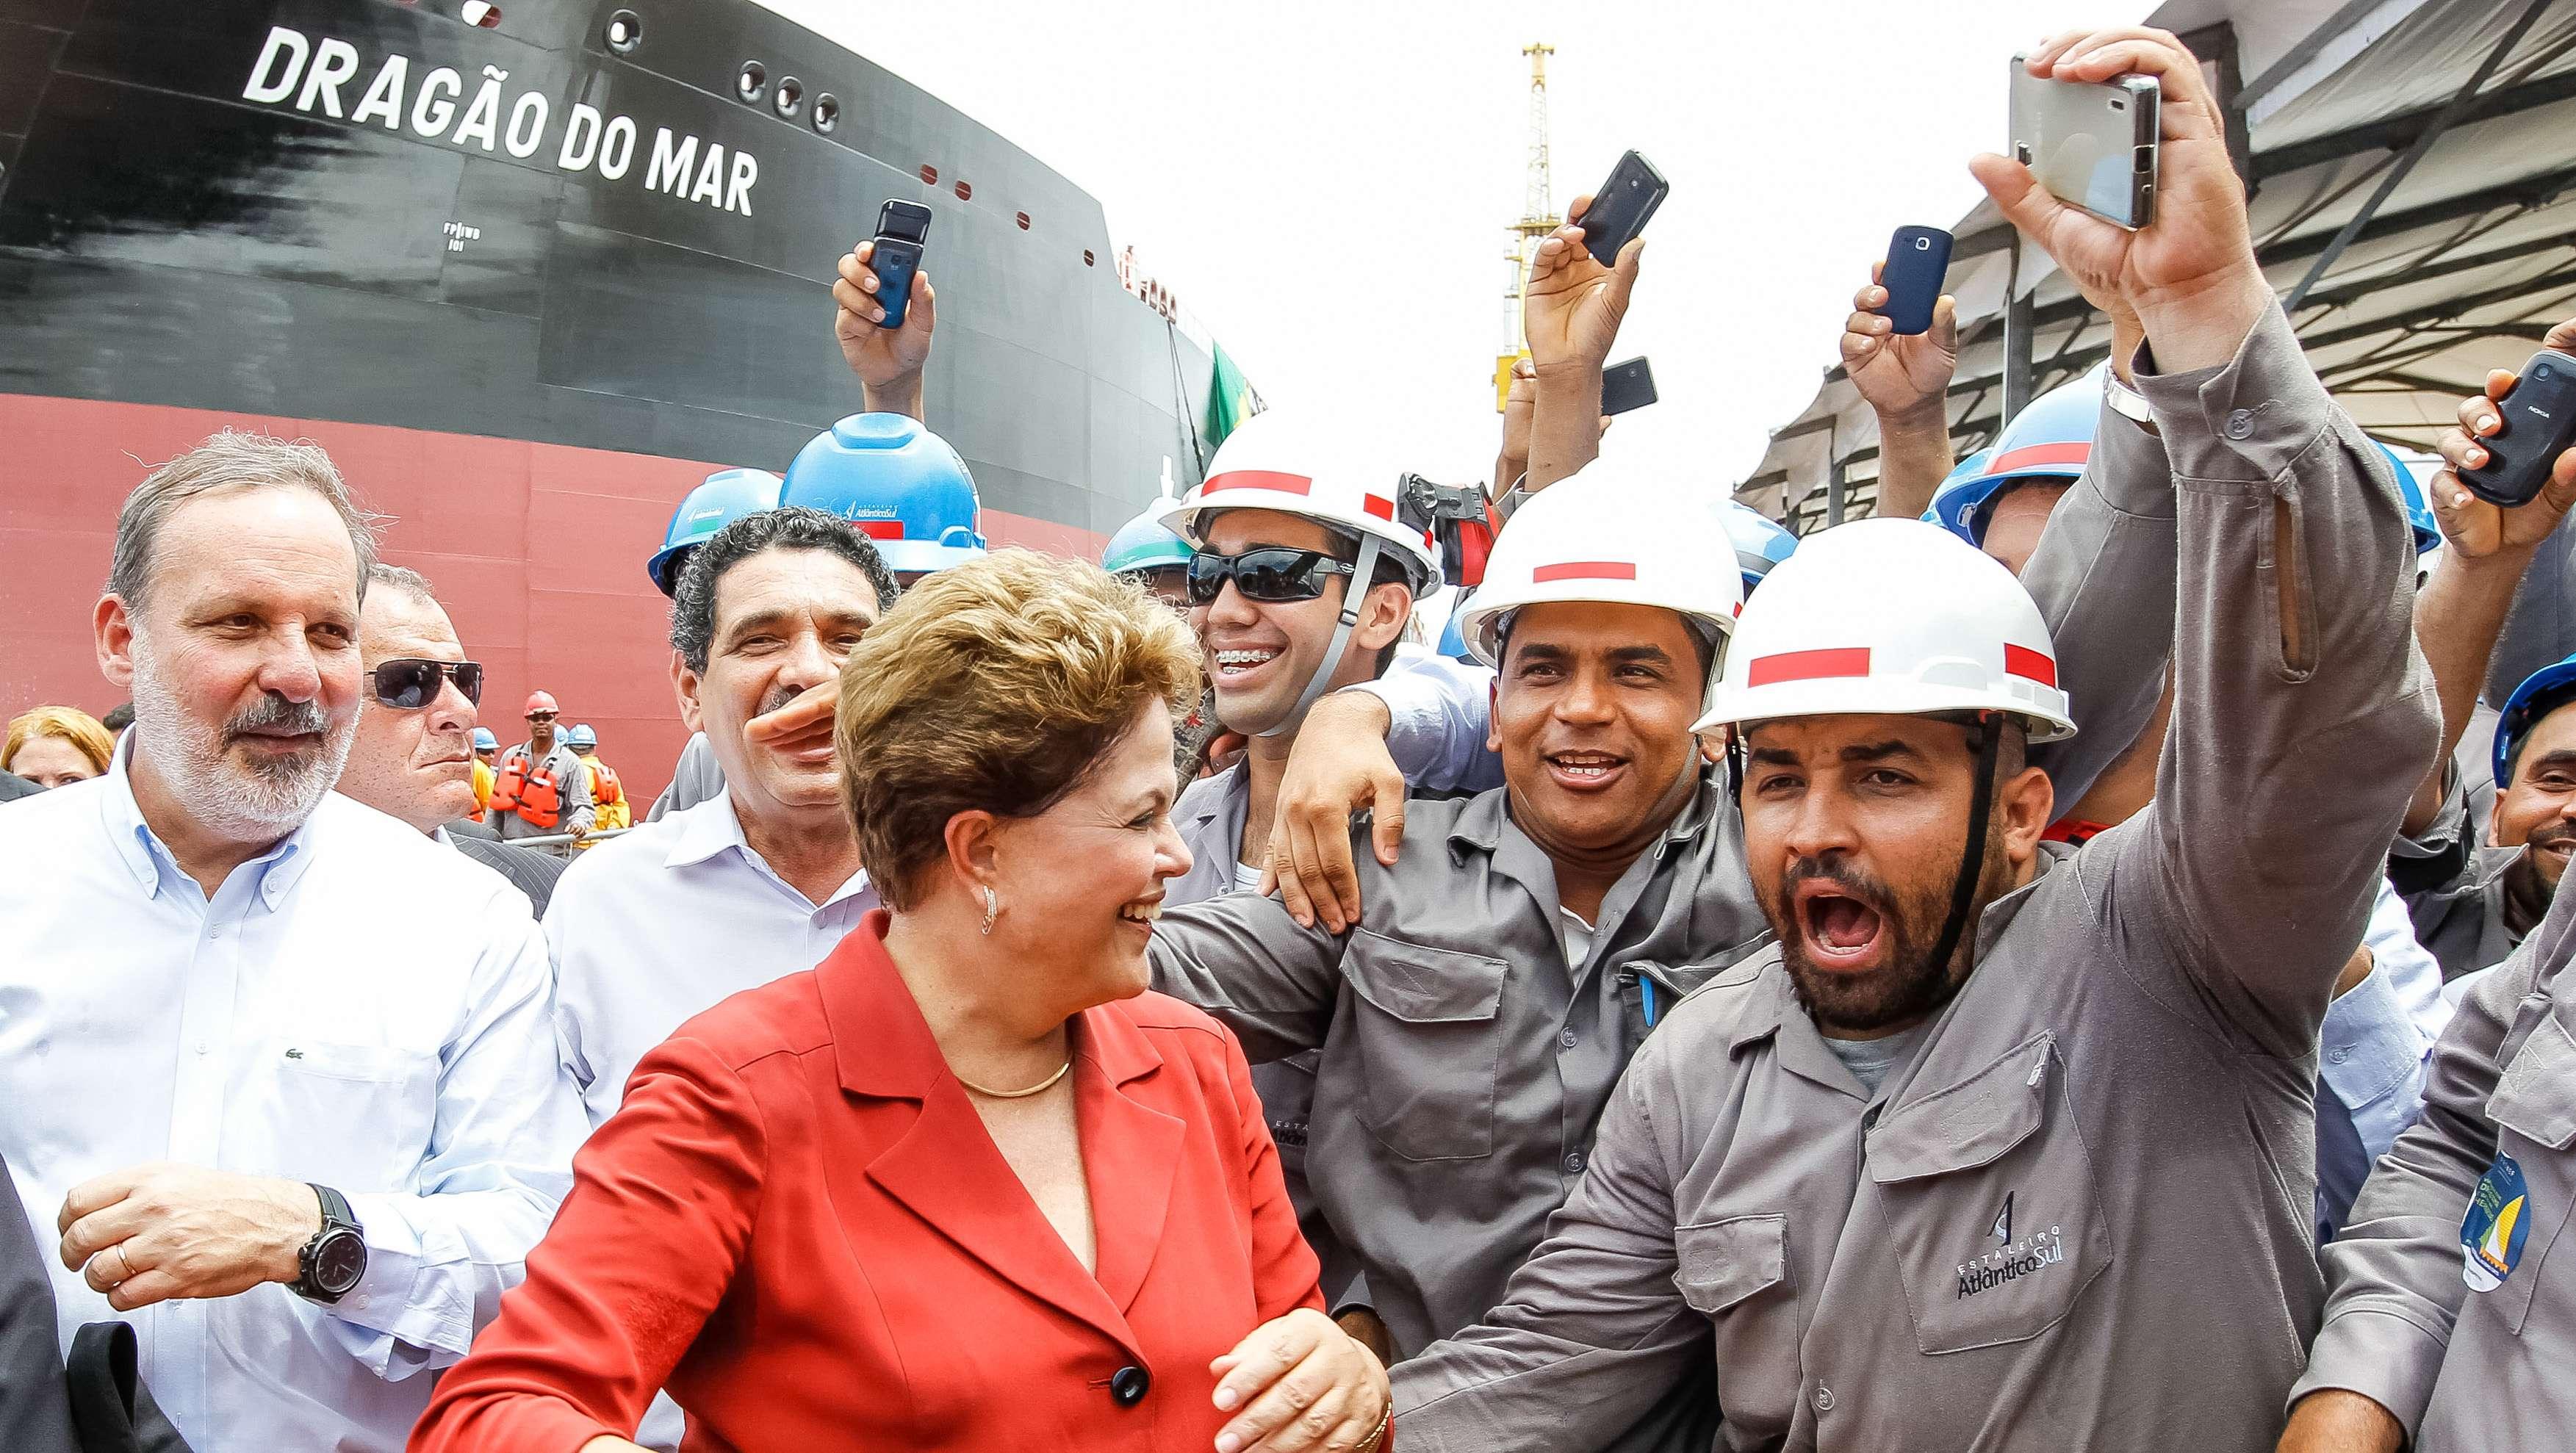 Presidente Dilma Rousseff participa de cerimônia alusiva à viagem inaugural do navio Dragão do Mar Foto: Roberto Stuckert Filho/PR/Divulgação